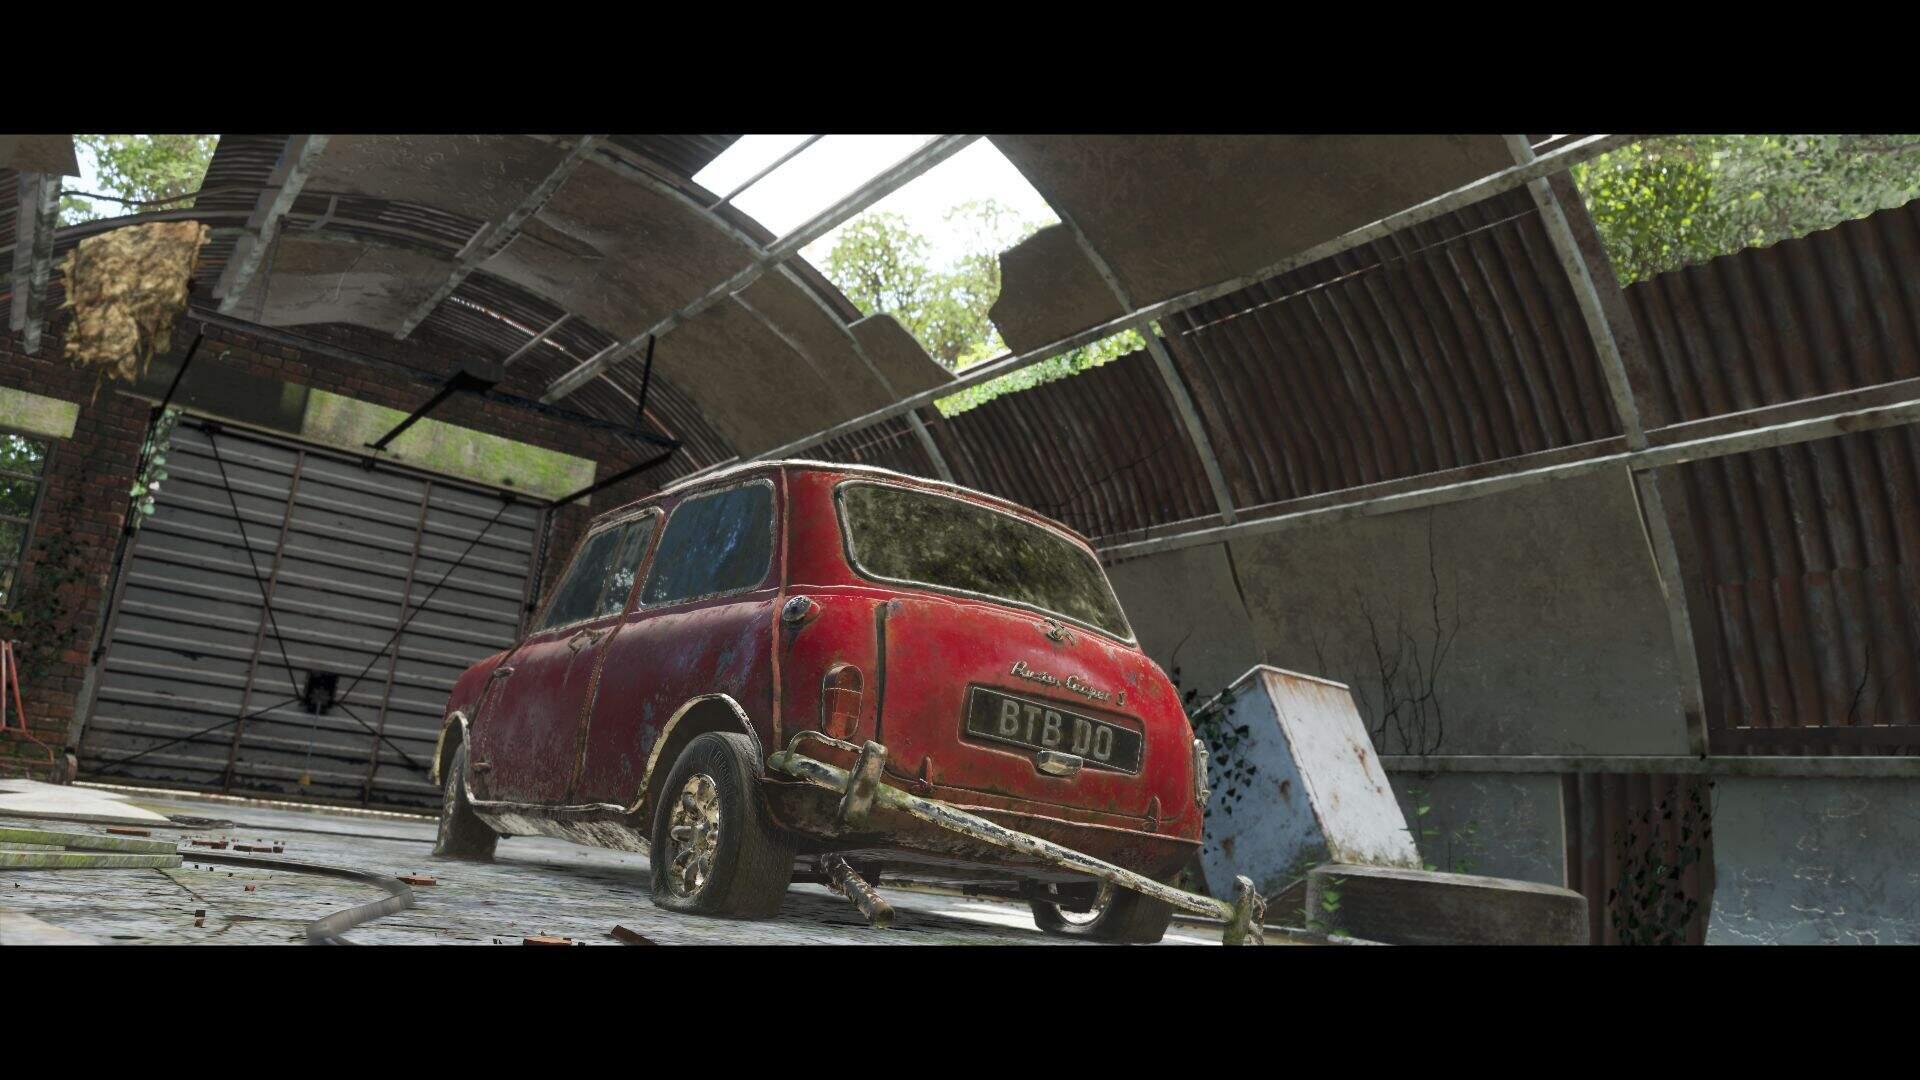 Forza Horizon 4 Mini Cooper S Scheunenfund